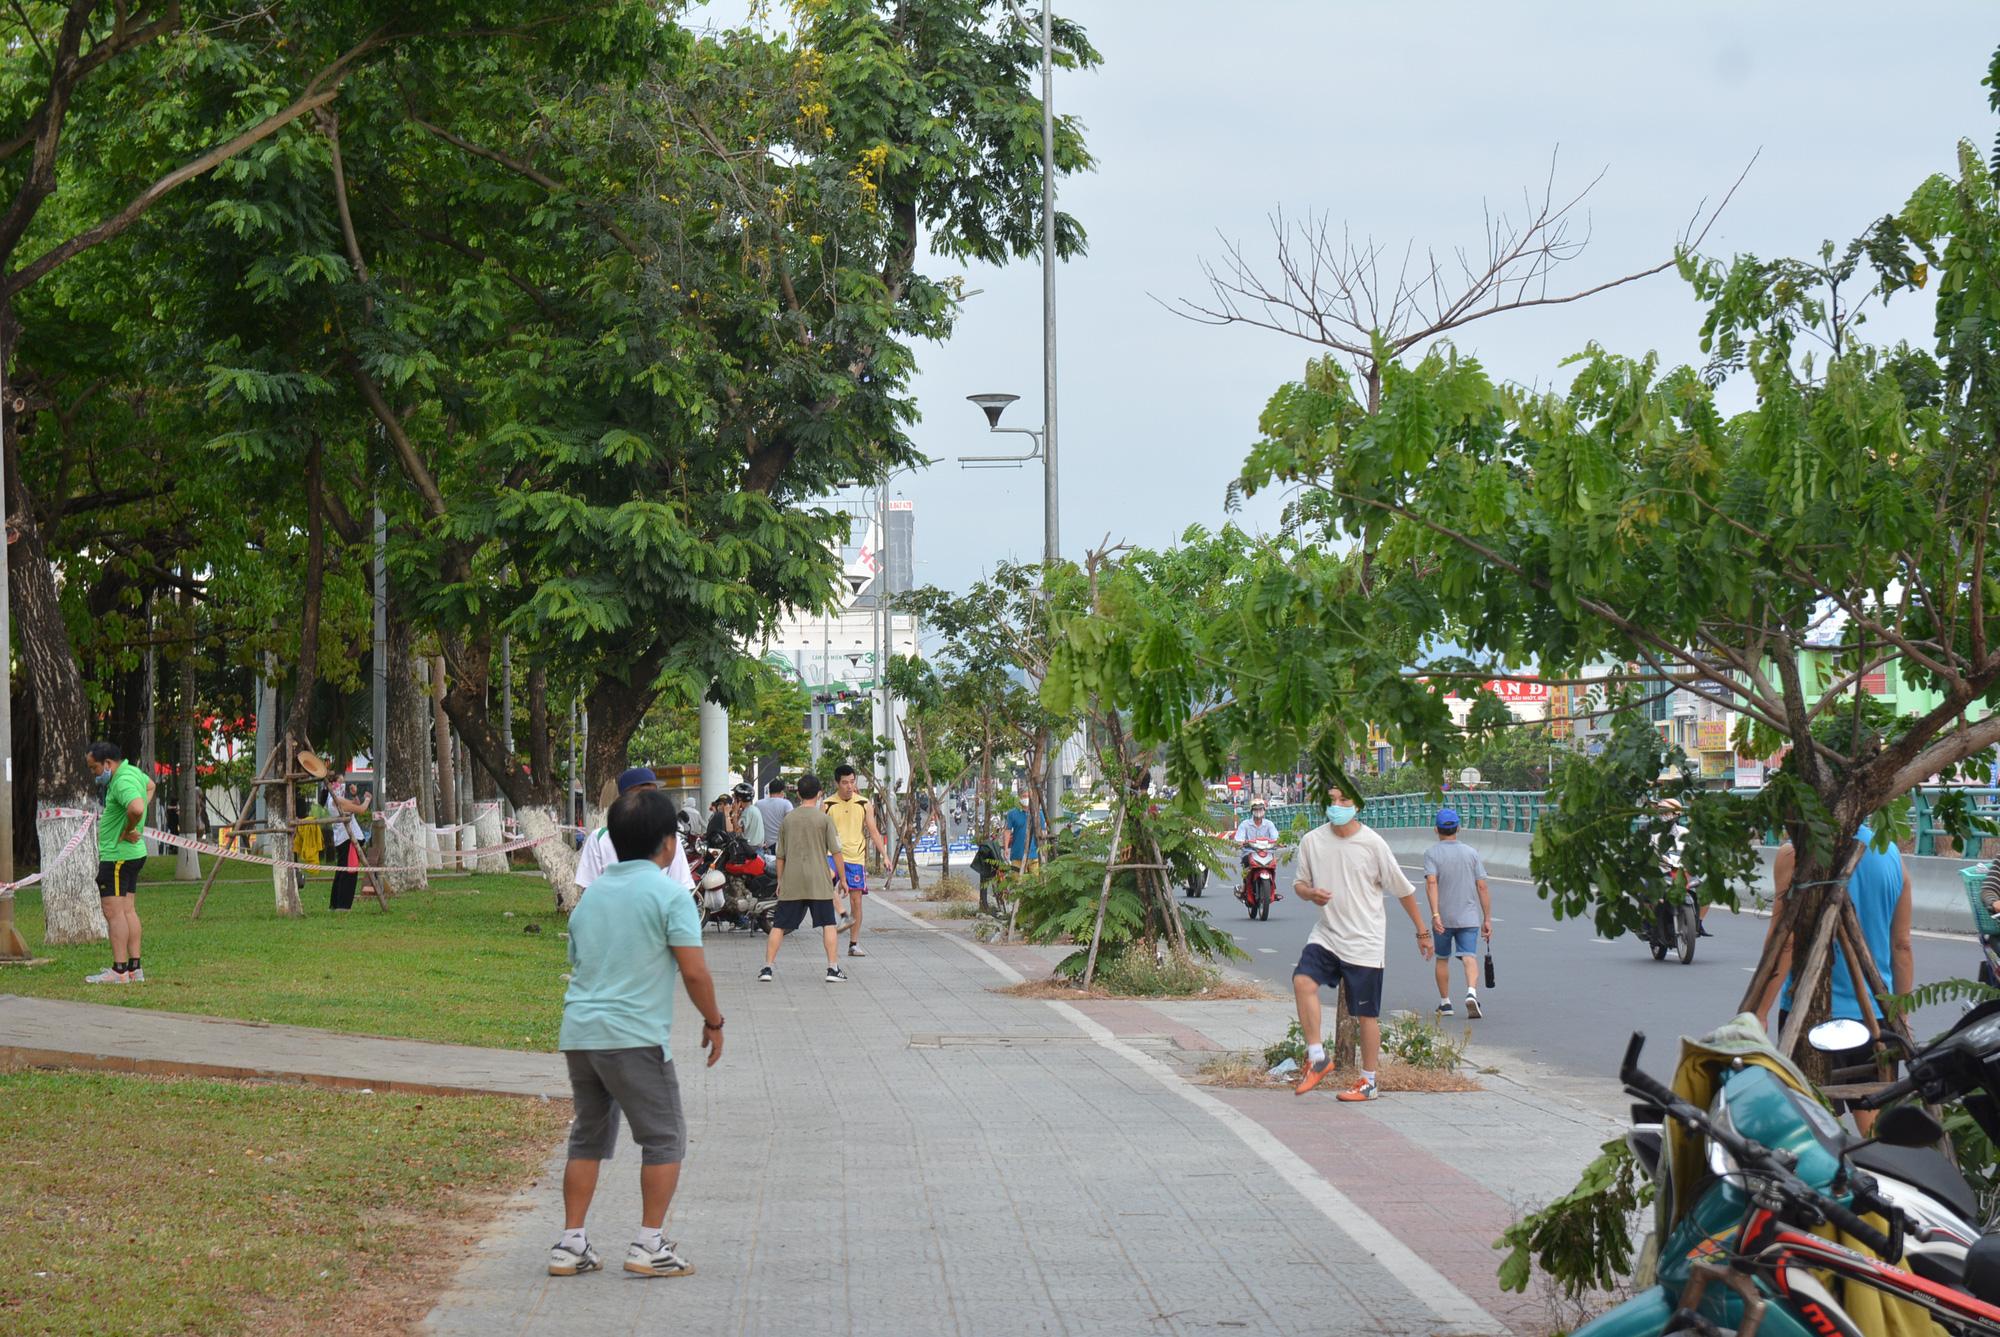 Người Đà Nẵng ra đường đông như không có cách li xã hội - Ảnh 5.